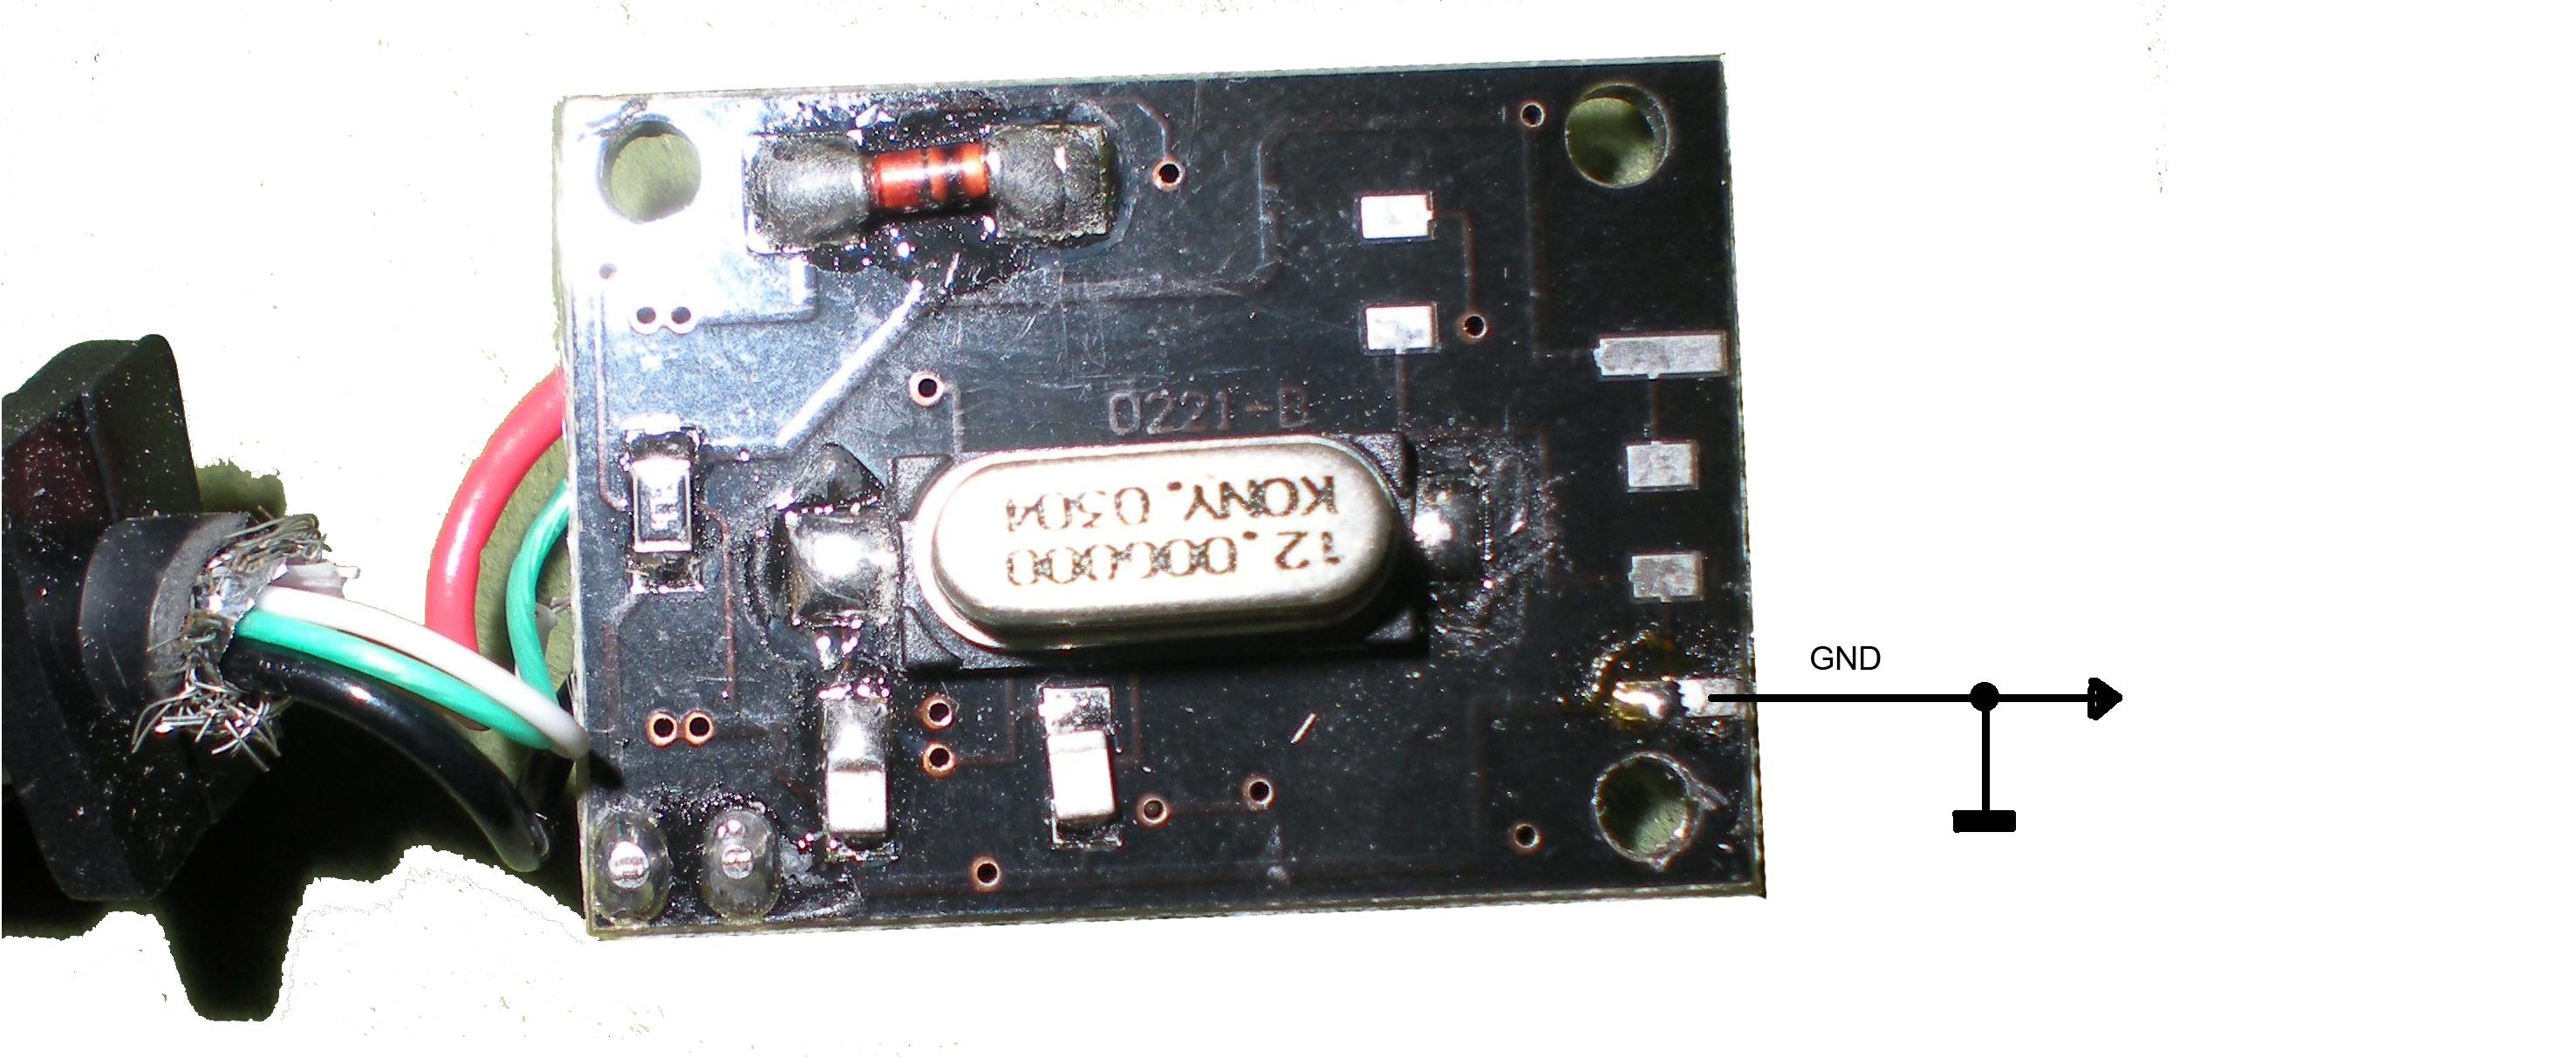 скачать драйвер для видеокарты geforce mx4408x agp8x 128mb